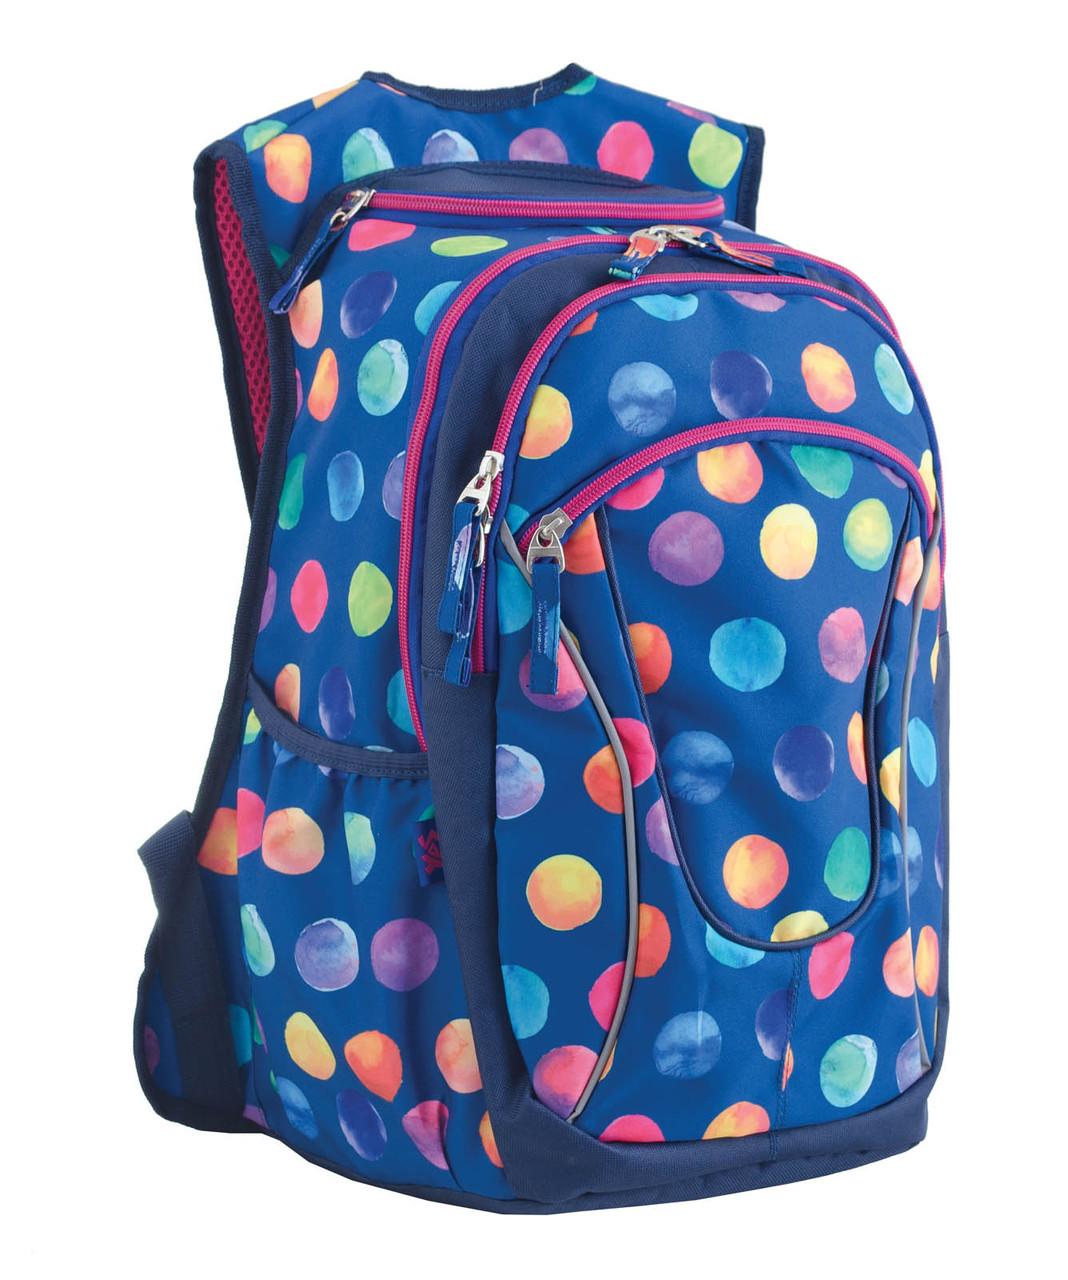 553148 Подростковый рюкзак YES T-29 Ball 40*25,5*20